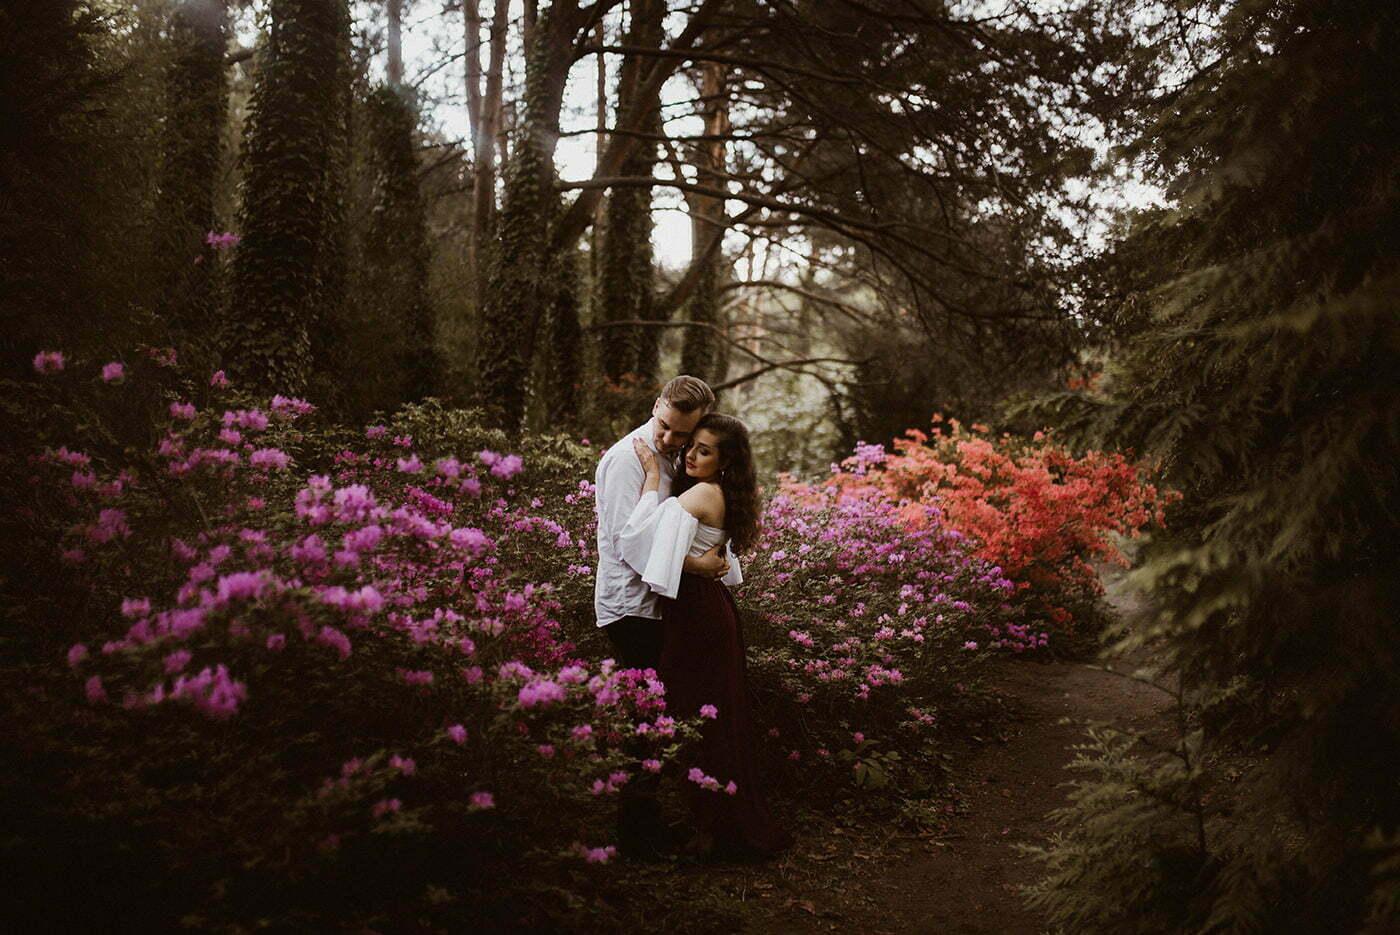 ewelina zieba sesja wsrod kwiatow 2021 01